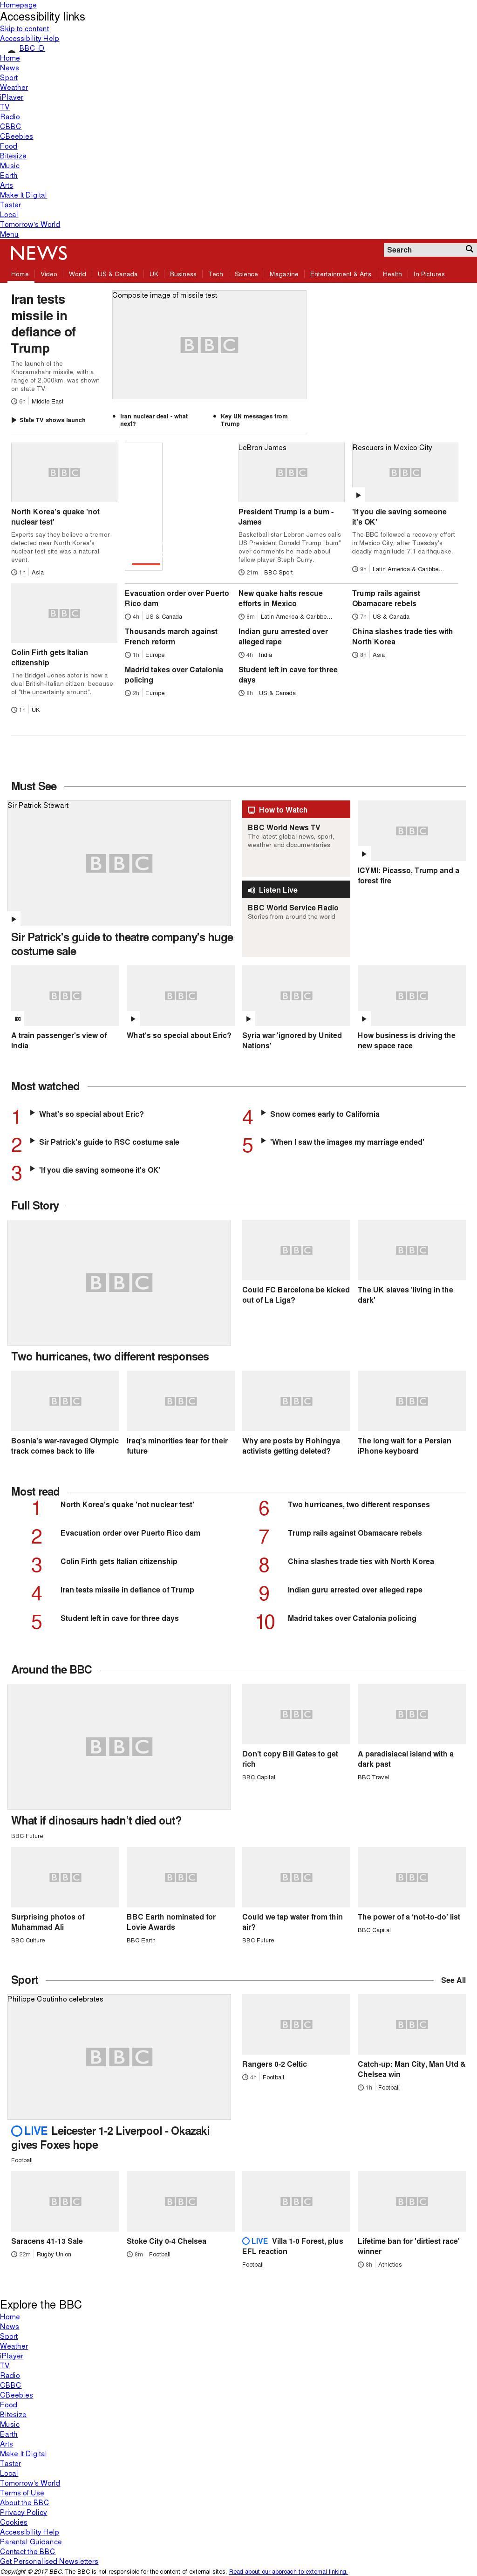 BBC at Saturday Sept. 23, 2017, 5:27 p.m. UTC